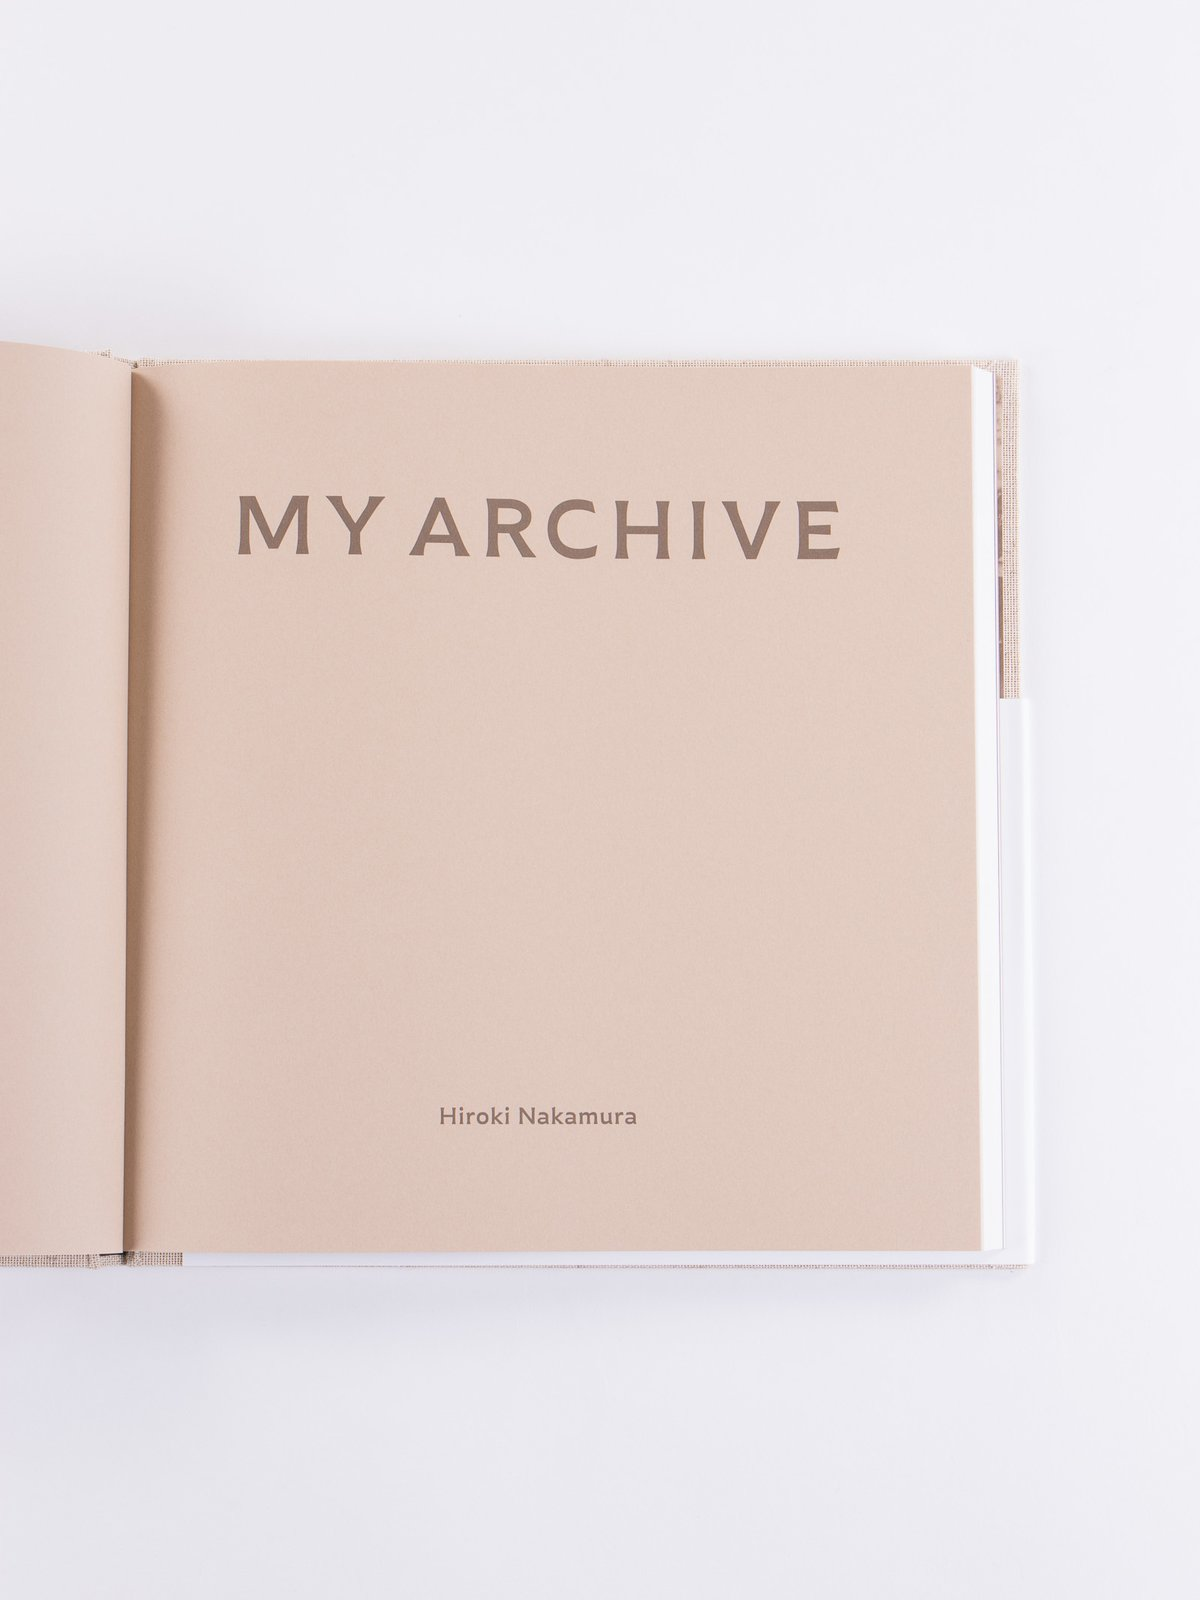 My Archive – Hiroki Nakamura - Image 3